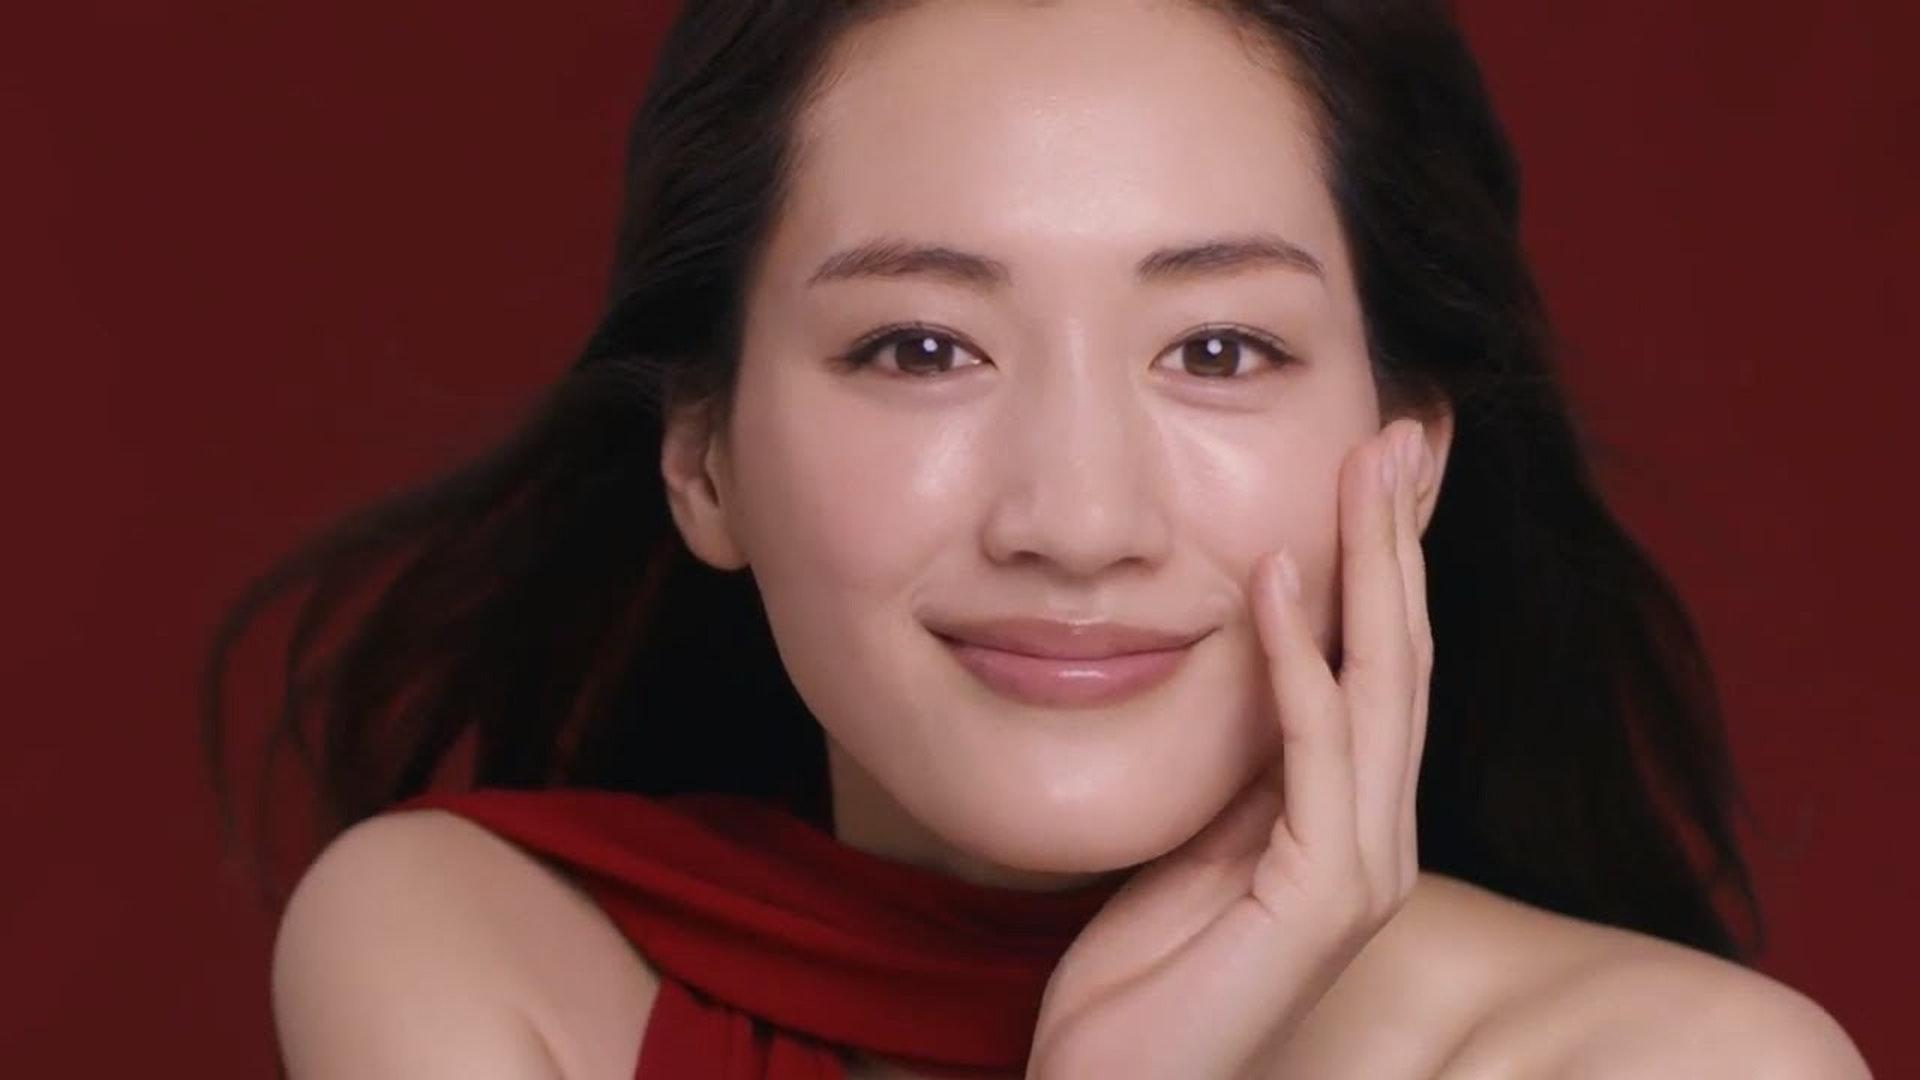 綾瀬遙可說是深得日本人心的一位演員 (SK-II廣告)